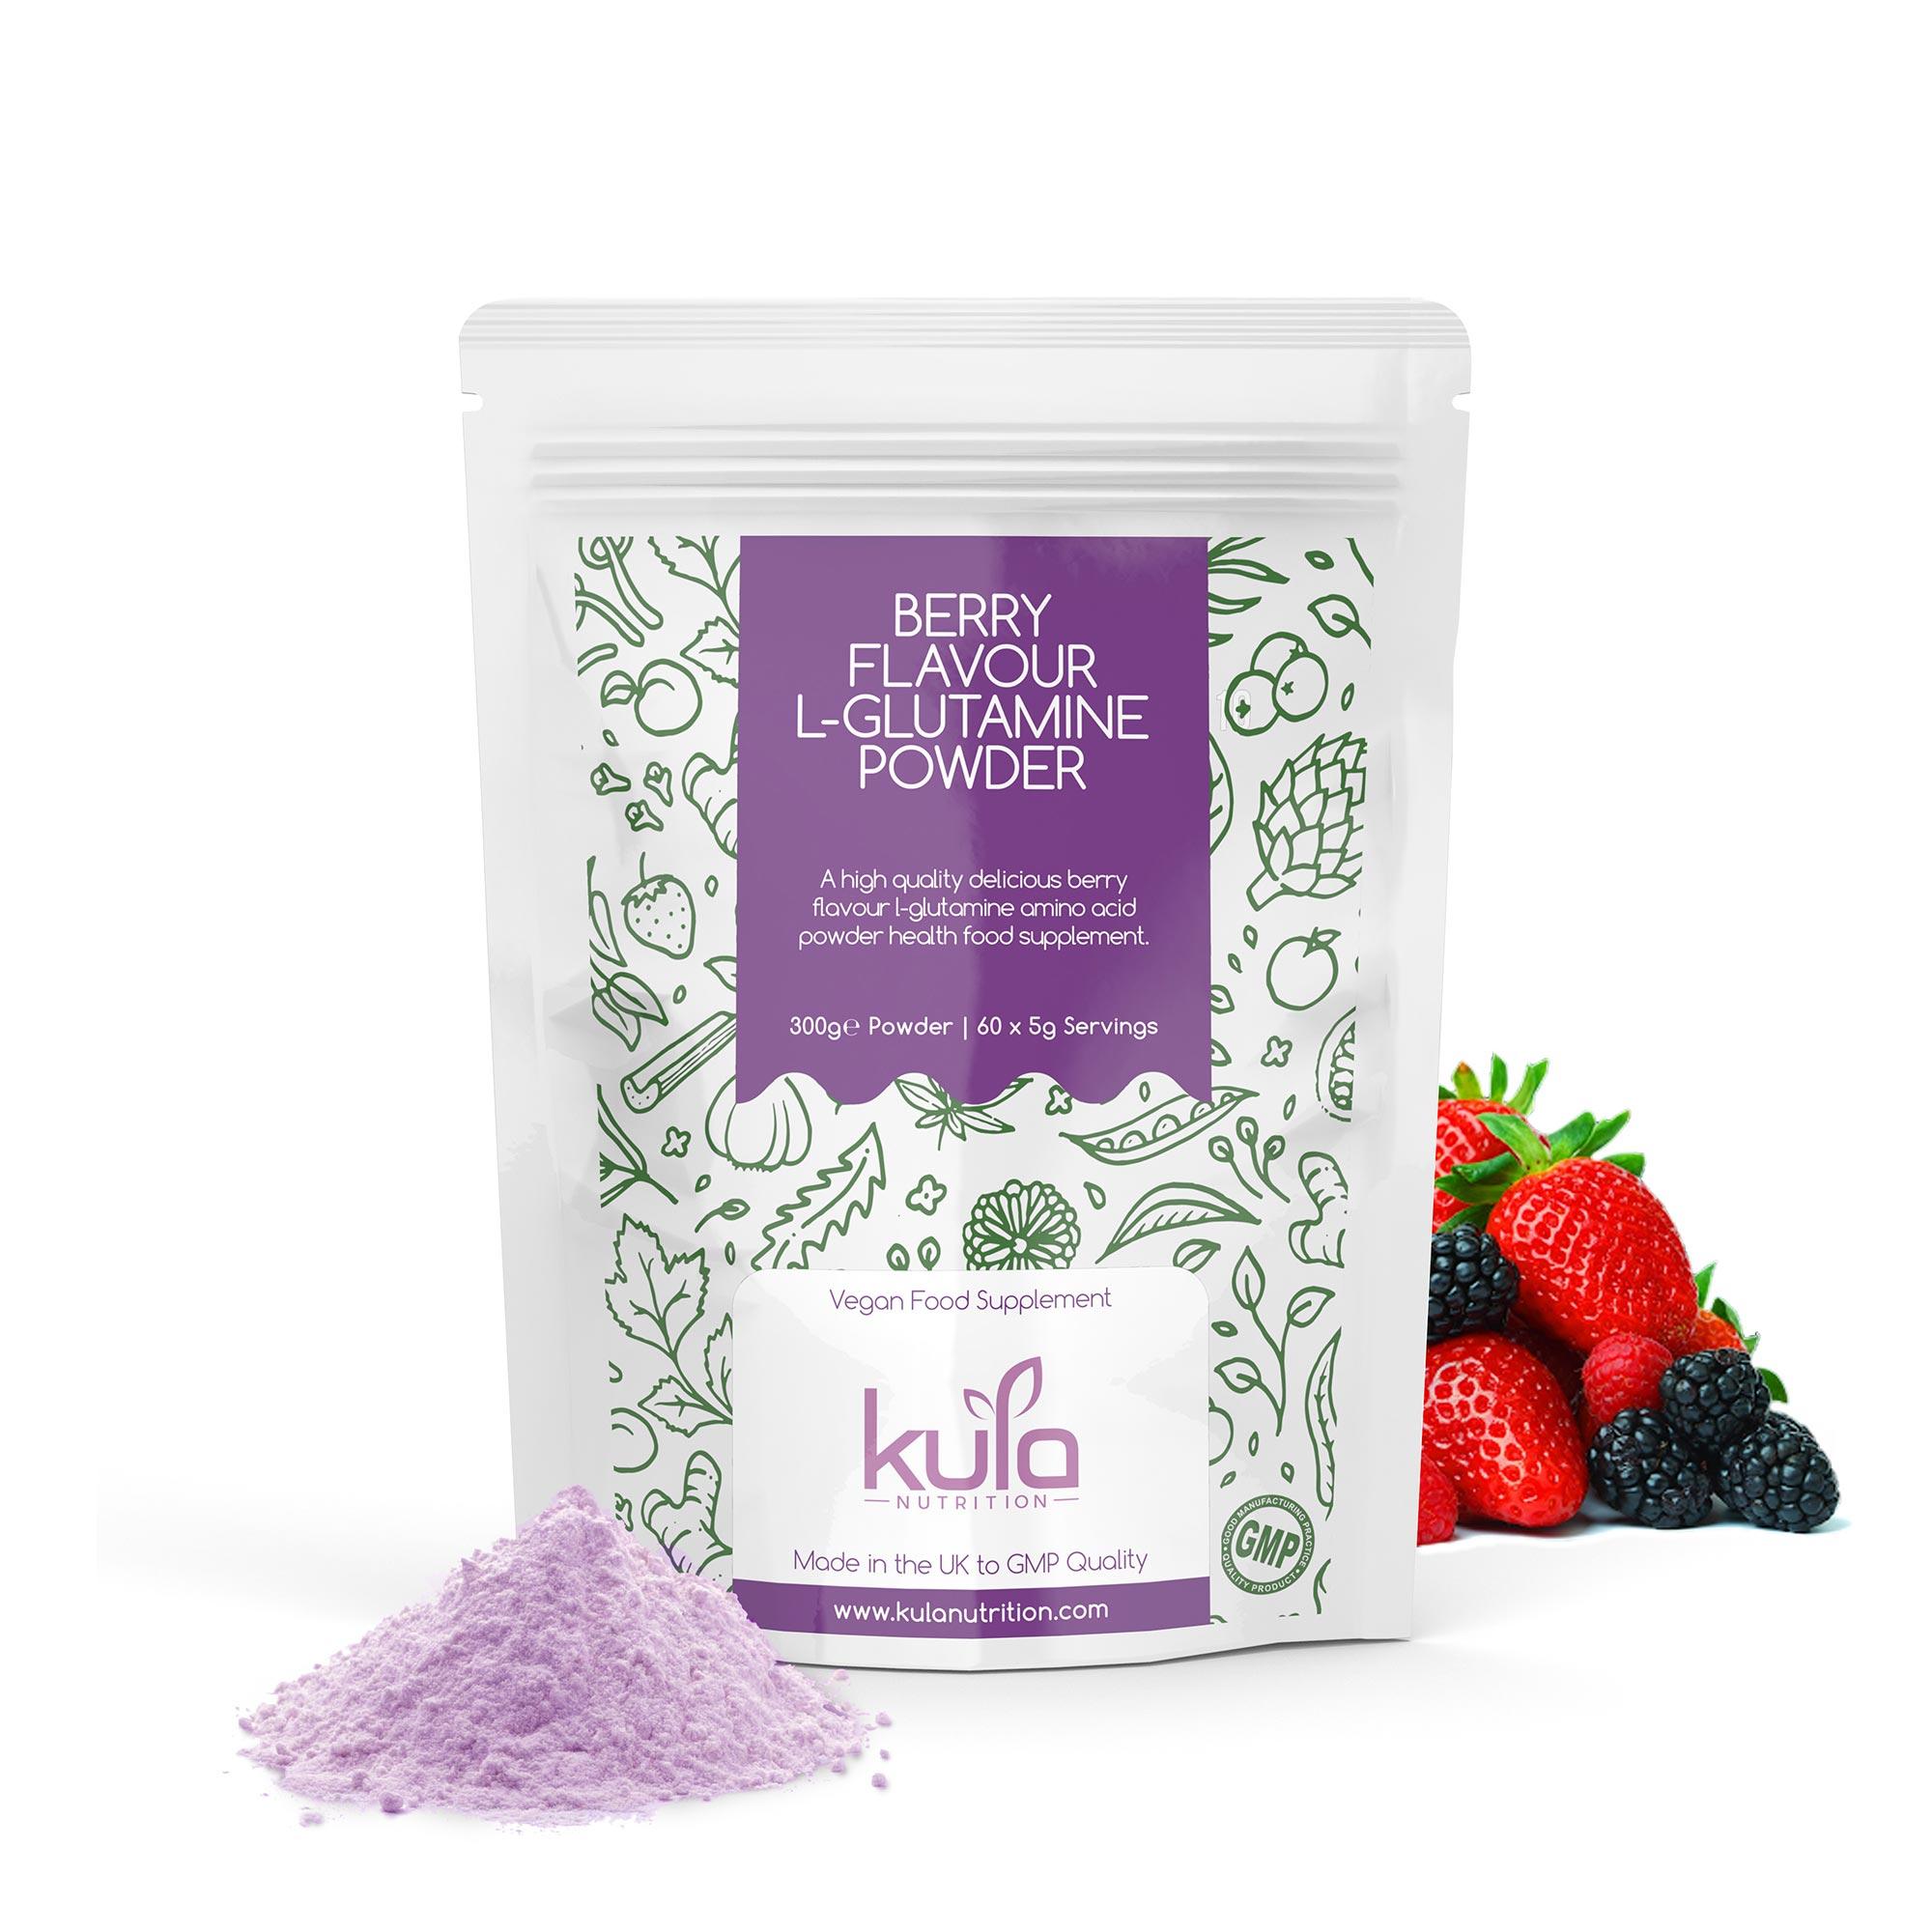 Berry Flavour L-Glutamine Powder Concept 1